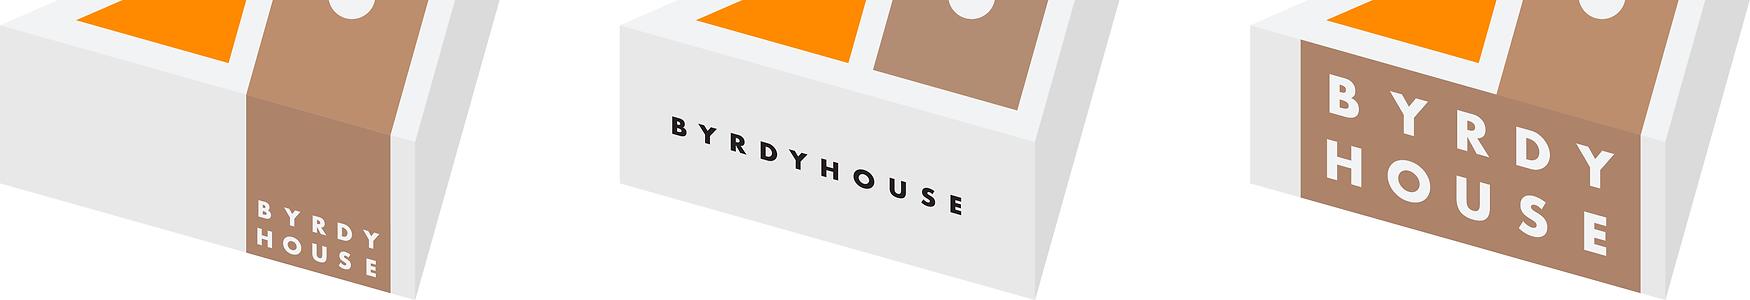 Byrdyhouse-01.png